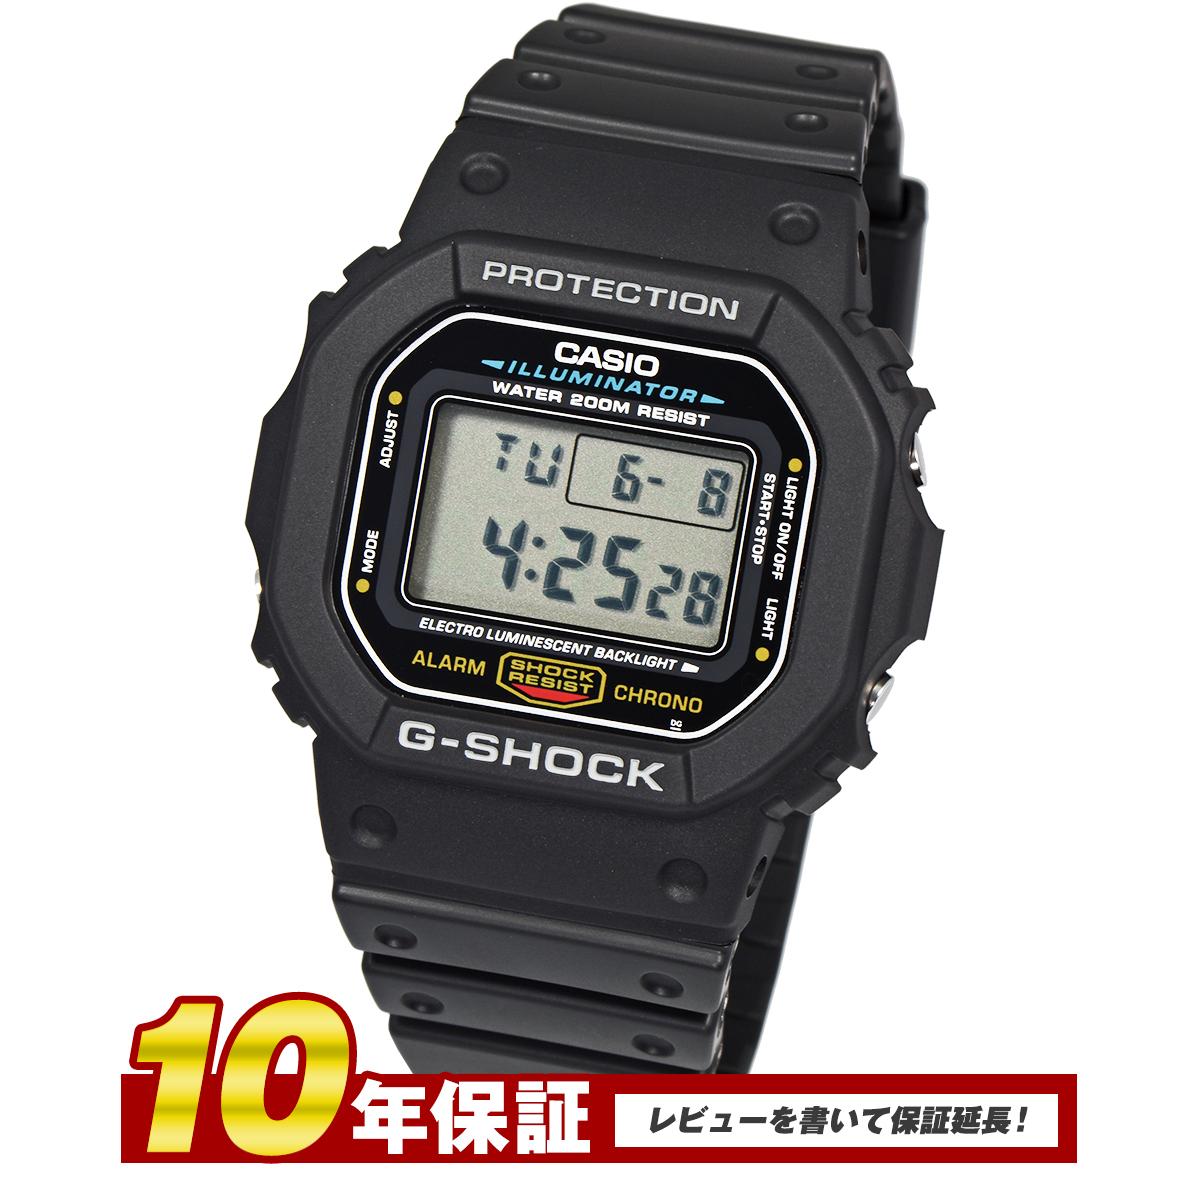 【全品送料無料】 【10年保証】カシオ CASIO ファーストタイプ BASIC FIRST TYPE DW5600E-1V メンズ 時計 腕時計 クオーツ カレンダー